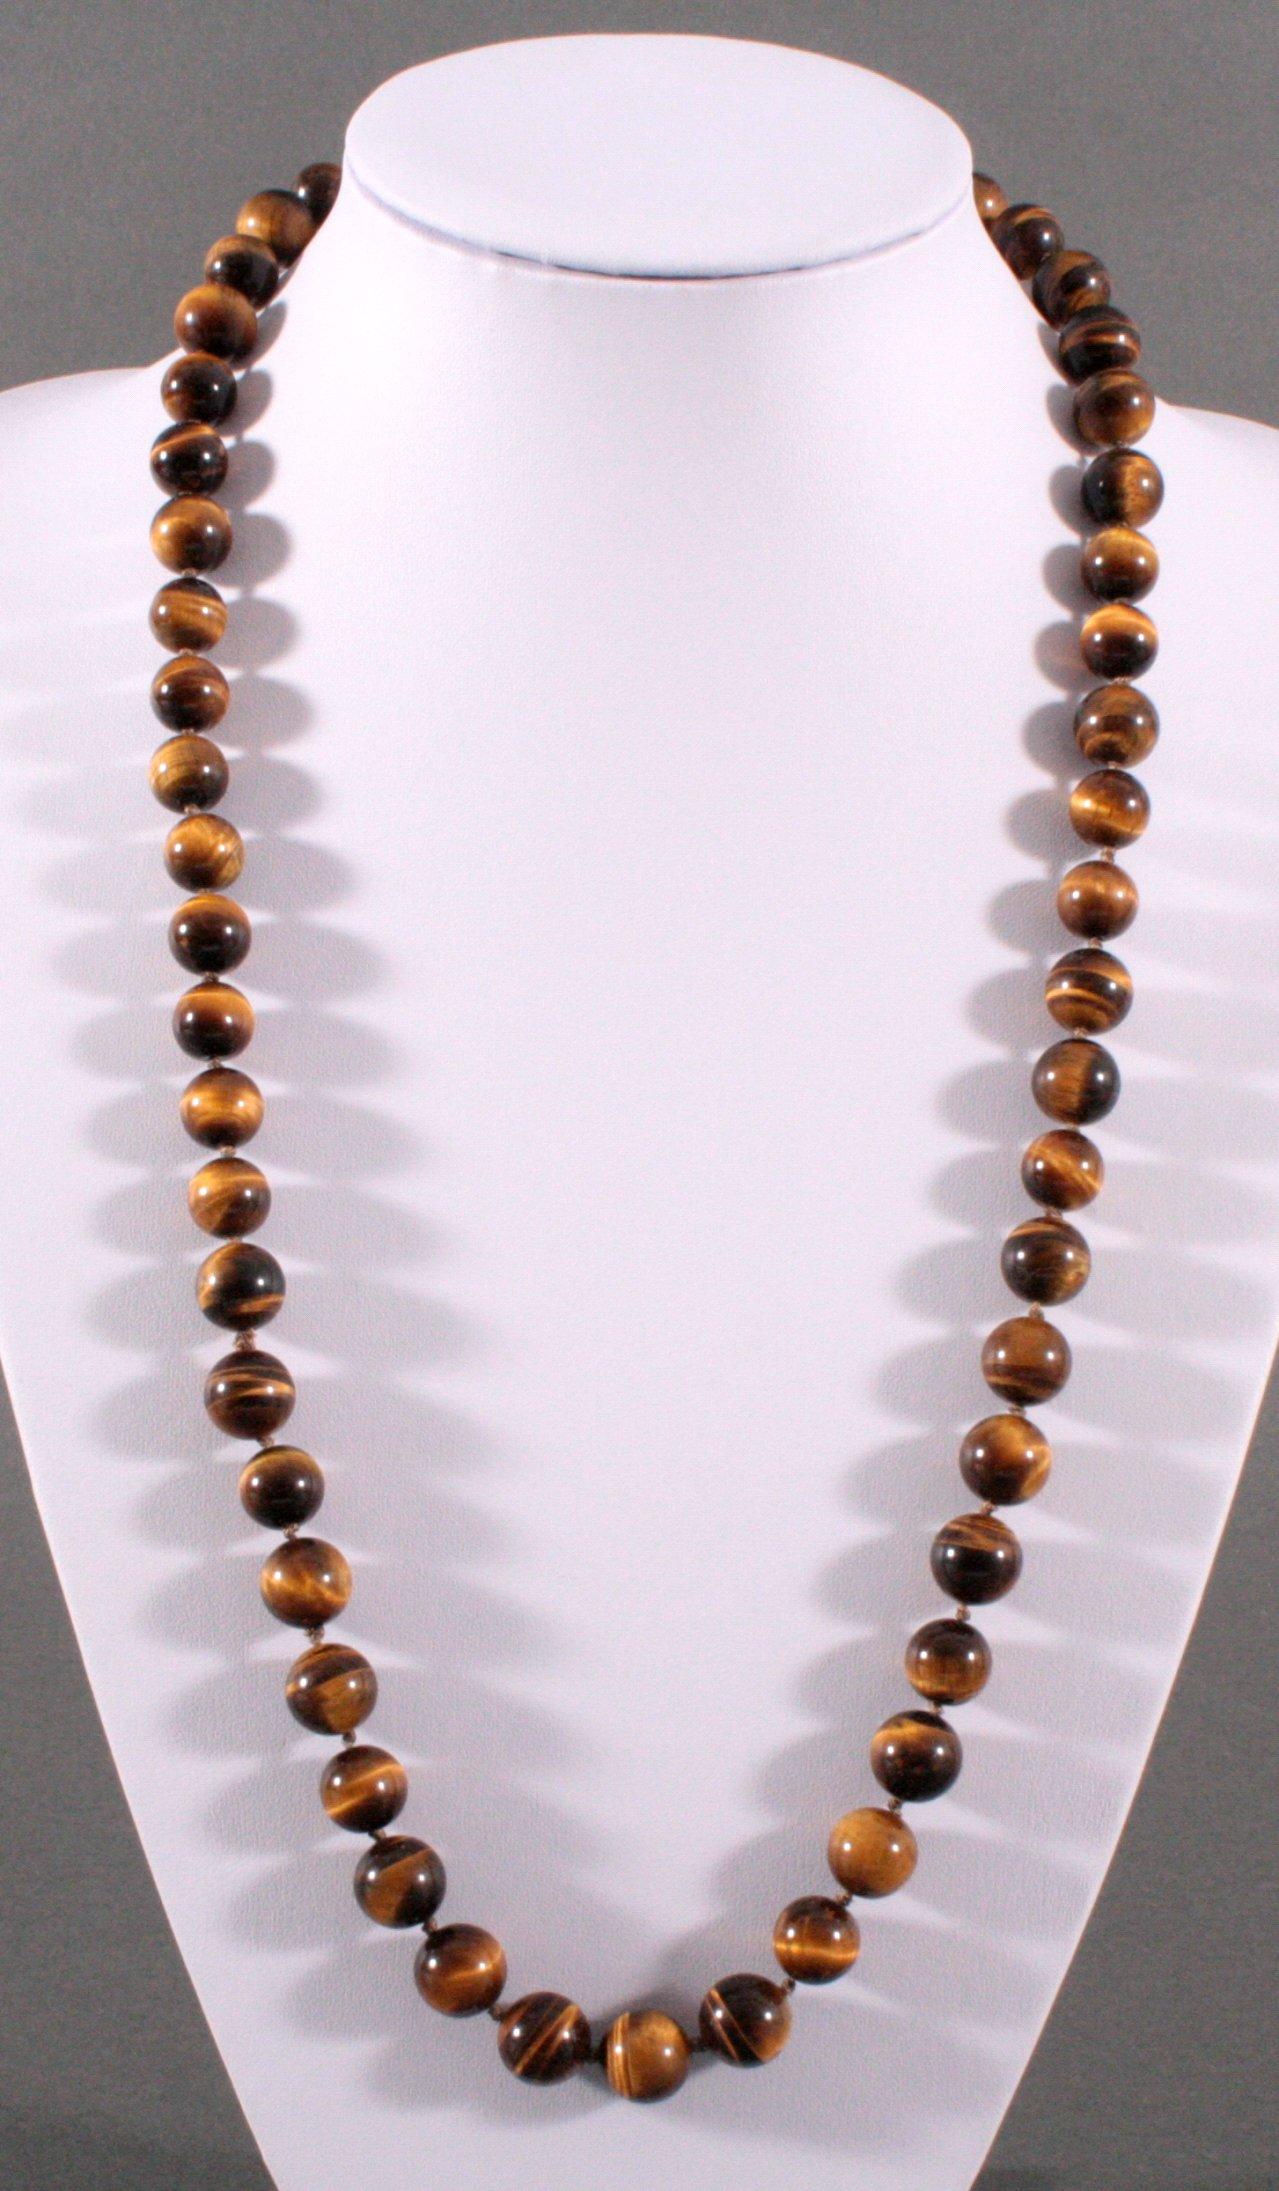 Tigerauge Halskette